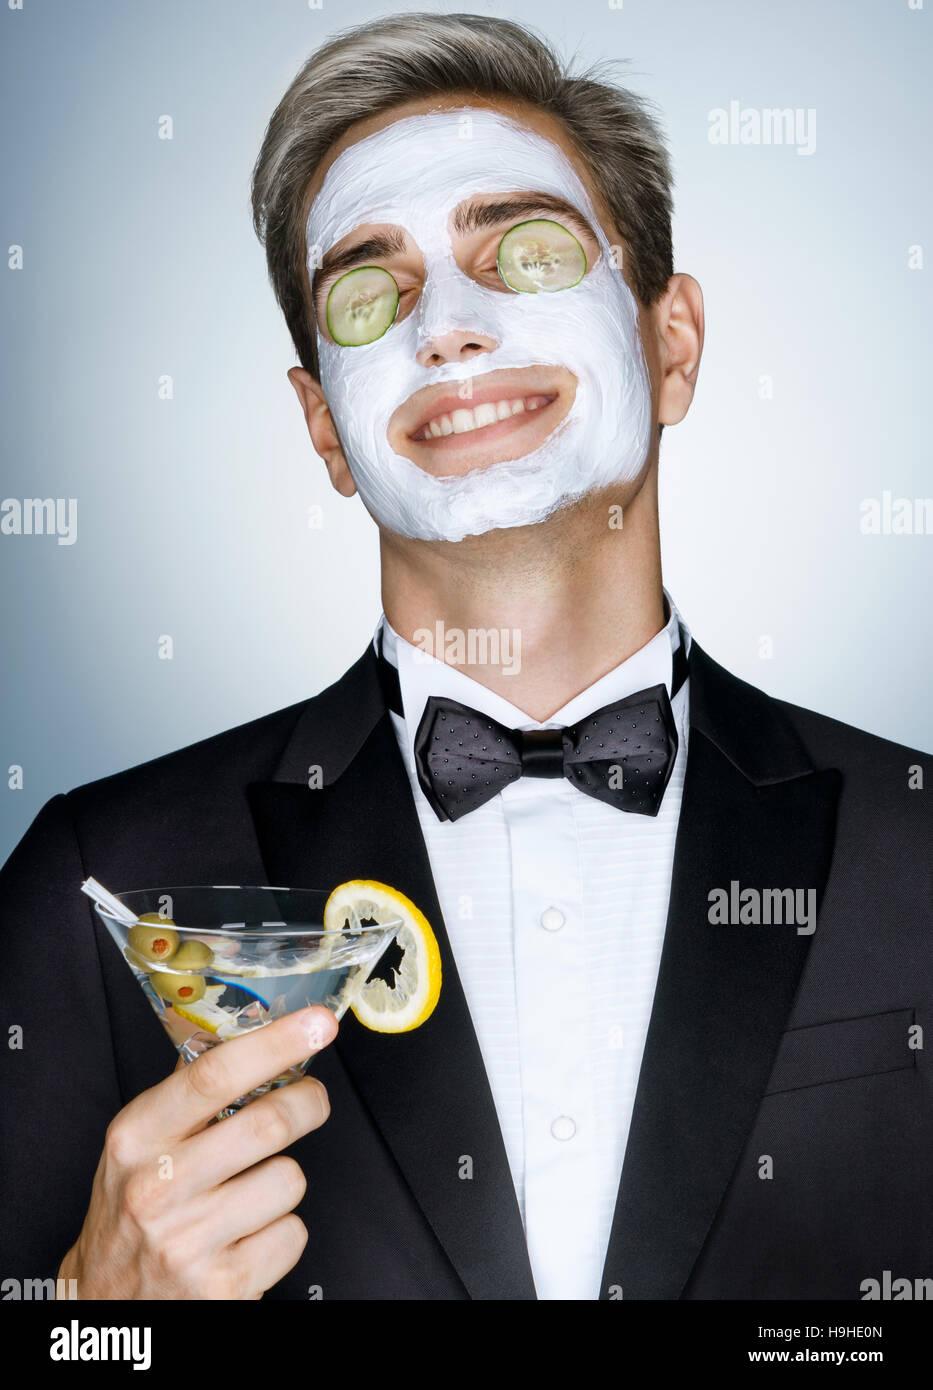 Una buona cura della pelle è molto importante. Felice di ricezione gentleman spa trattamento viso. Foto di Immagini Stock